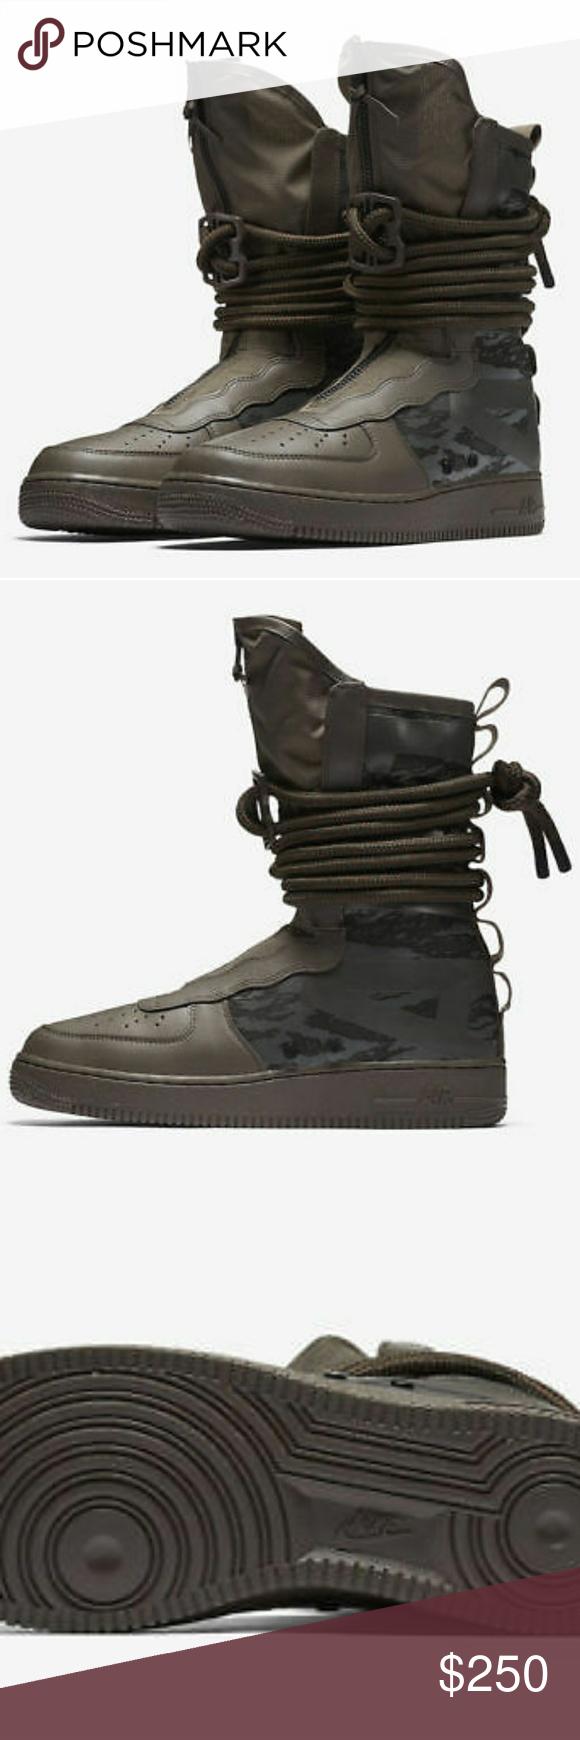 Nike SF AF1 Hi Ridgerock AA1128-203 Size 11 BRAND NEW IN BOX Nike SF AF1 Hi  Ridgerock AA1128-203 Men Special Field SFAF1 Sequoia Black SZ 11 Nike Shoes  ... e93327a407